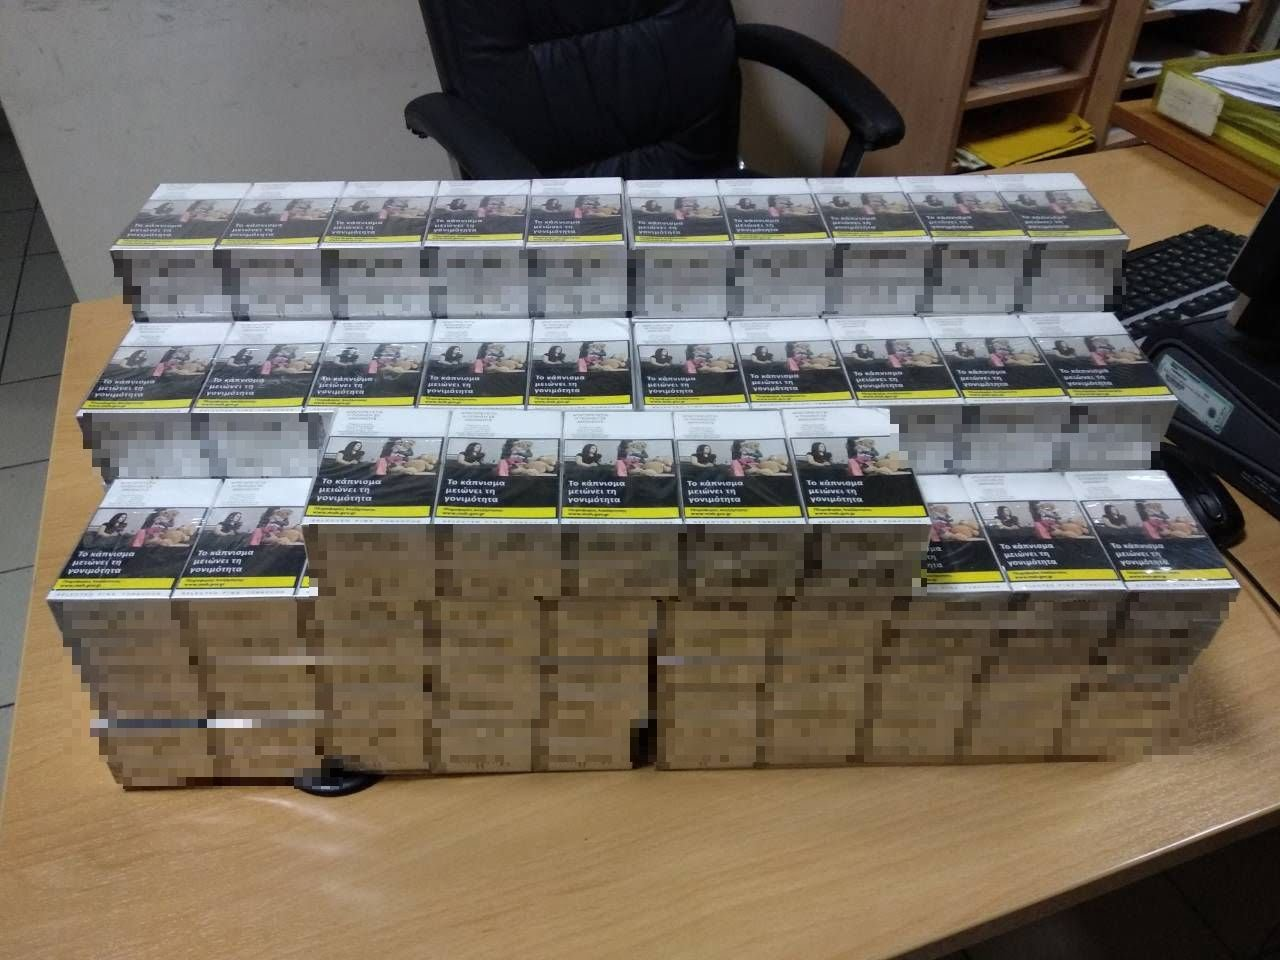 Συνελήφθησαν δύο (2) αλλοδαποί. Ο ένας εξ αυτών κατείχε 250 πακέτα τσιγάρα που δεν έφεραν τις προβλεπόμενες ενδεικτικές ταινίες φόρου κατανάλωσης